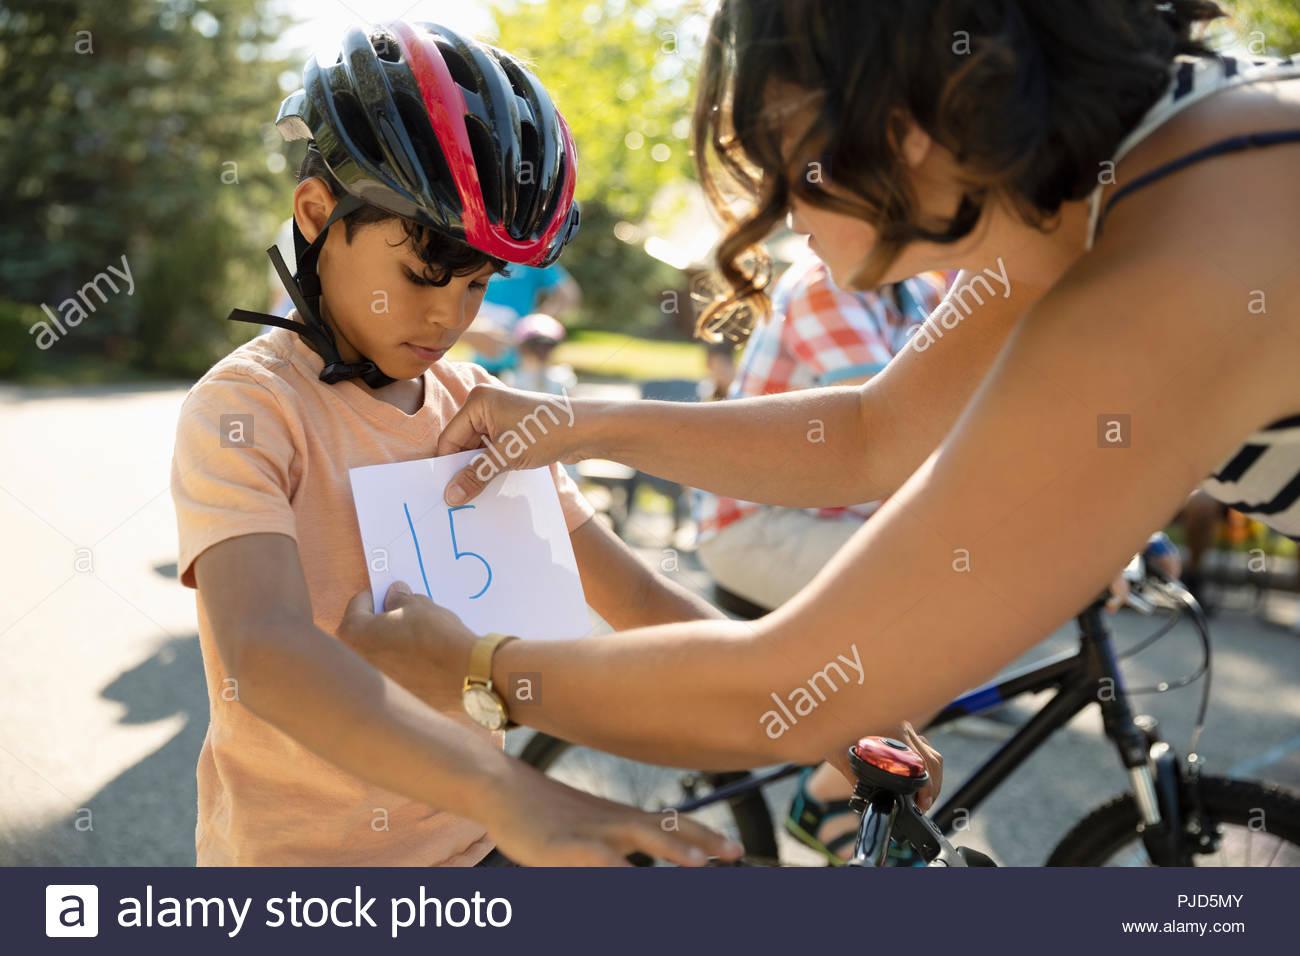 Bib en la maratón pinning madre hijo preparándose para Bike carrera Imagen De Stock